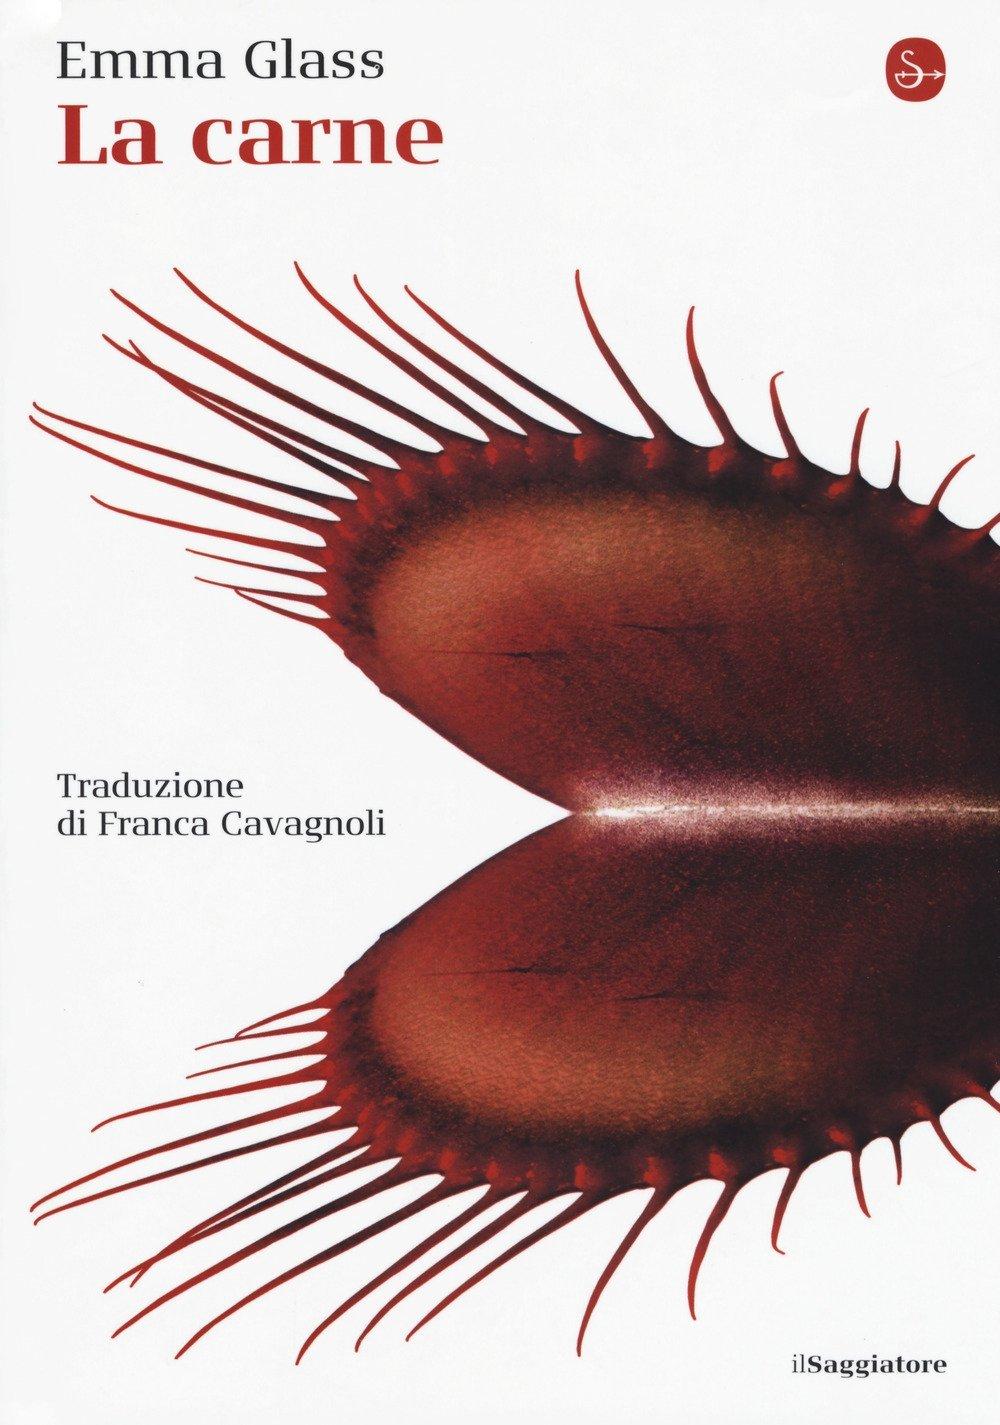 Invito alla lettura: di Emma Glass, per le edizioni il Saggiatore, il volume La carne